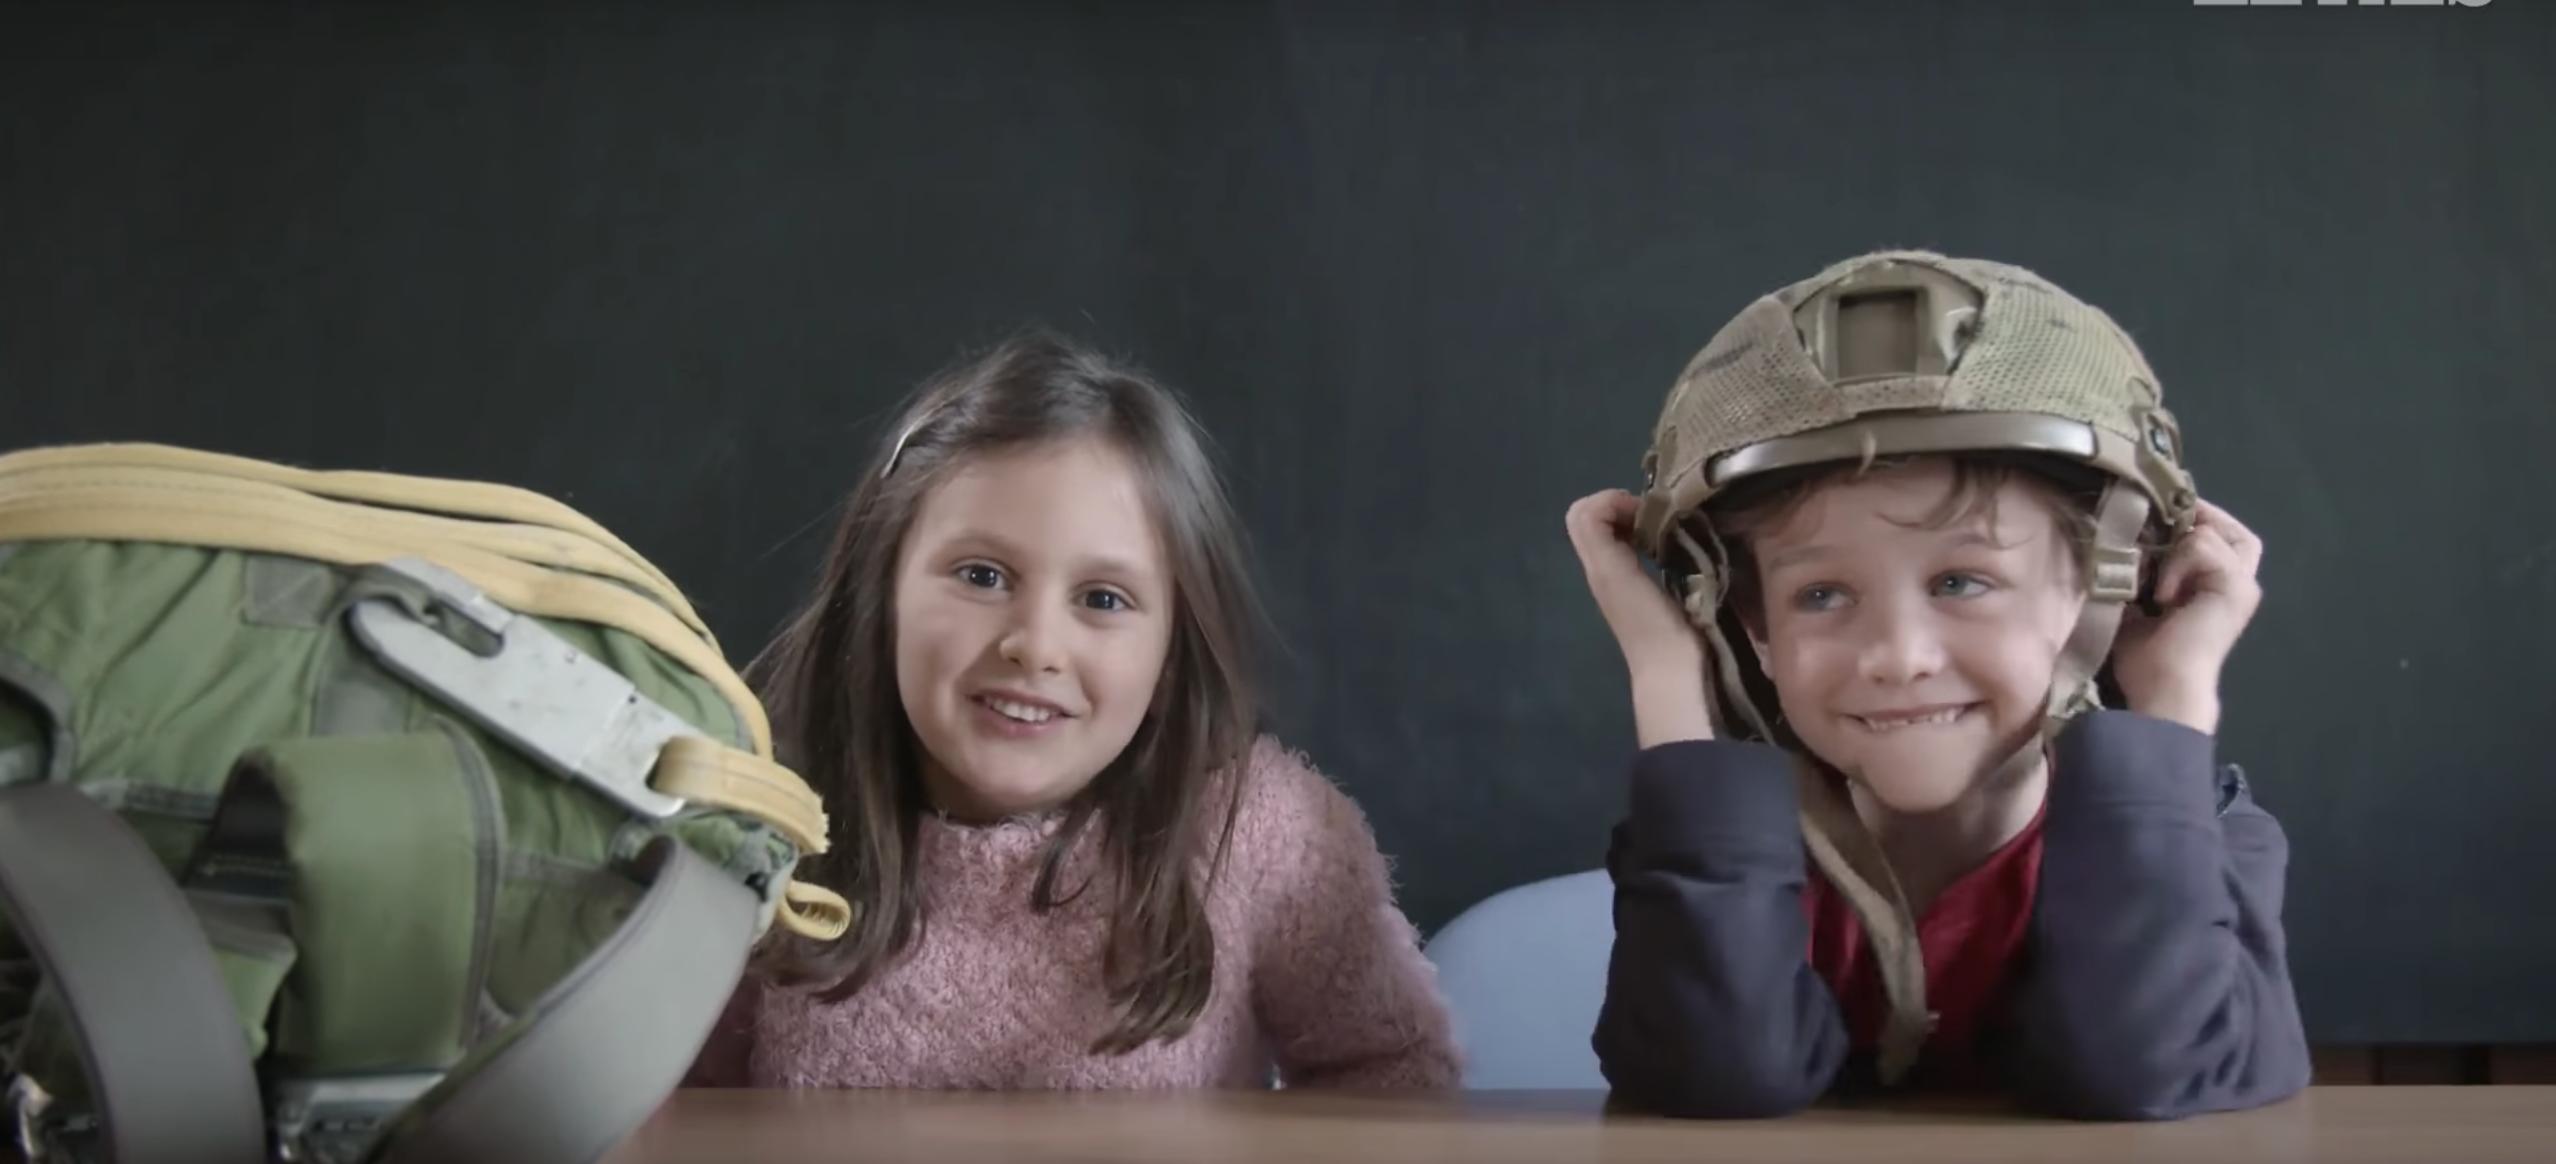 ¿Profesiones de chico? Un taller para romper los estereotipos en el aula